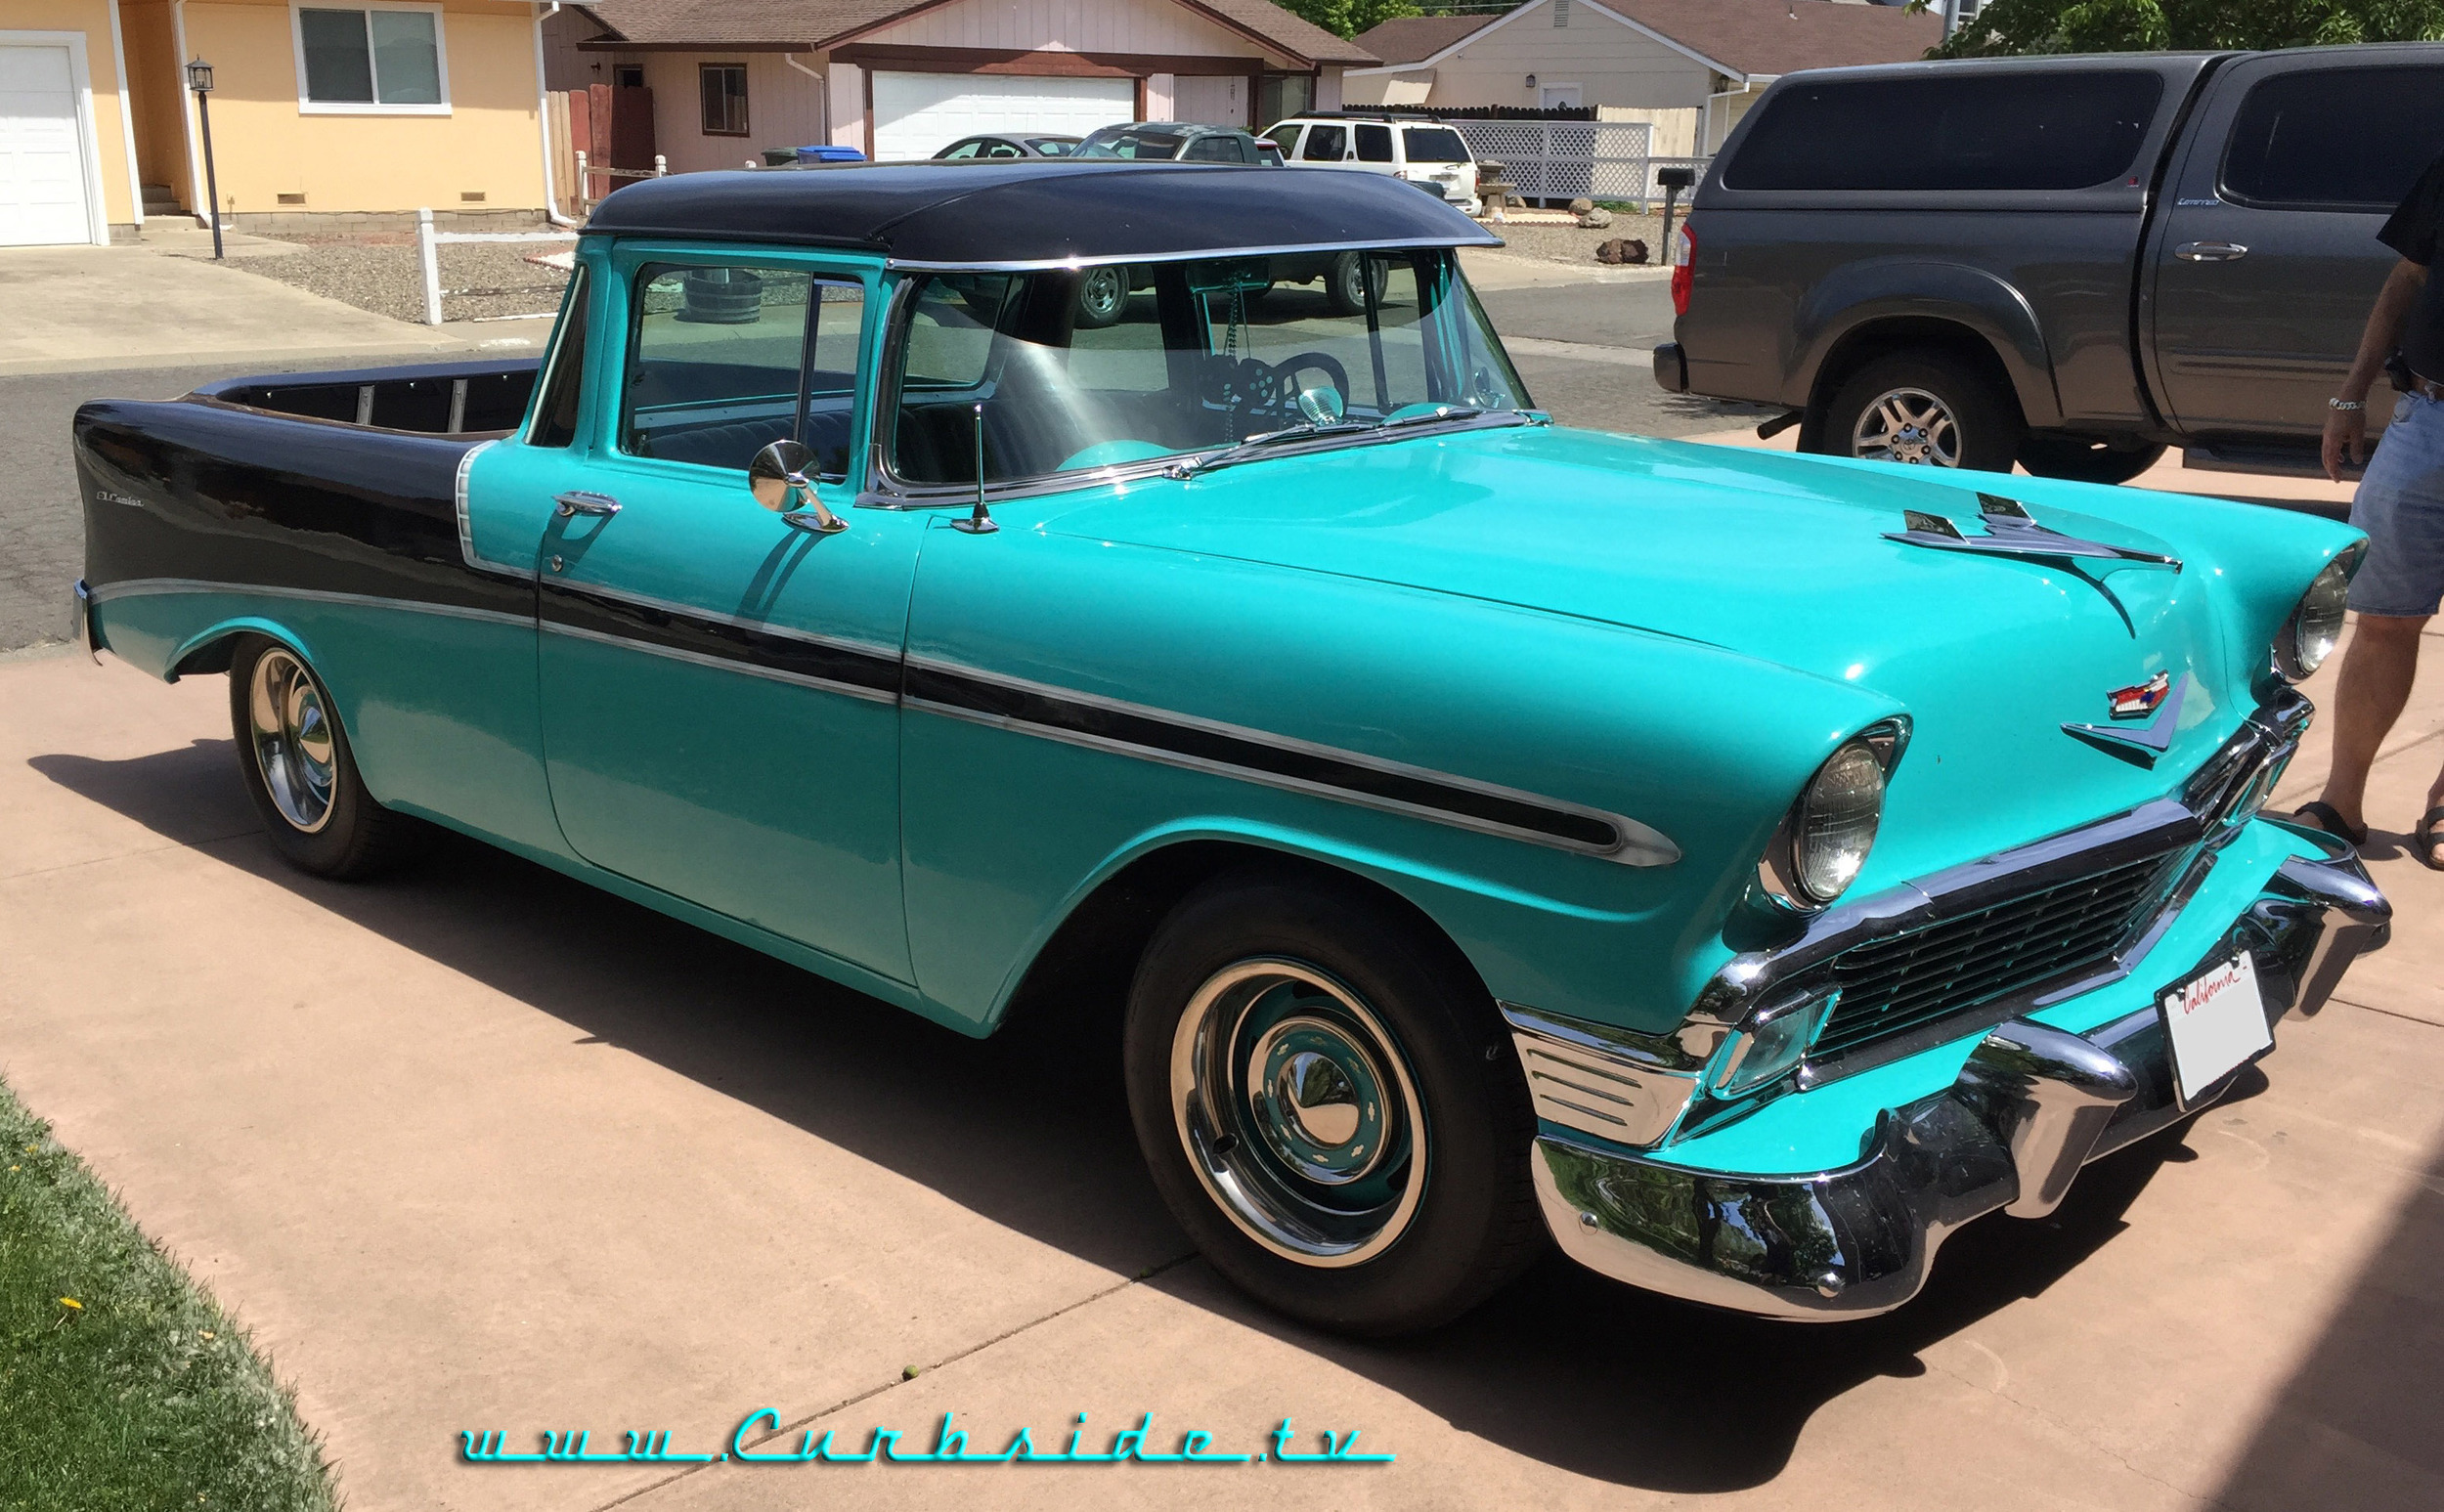 Joes 1956 Chevy El Camino - 2.jpg